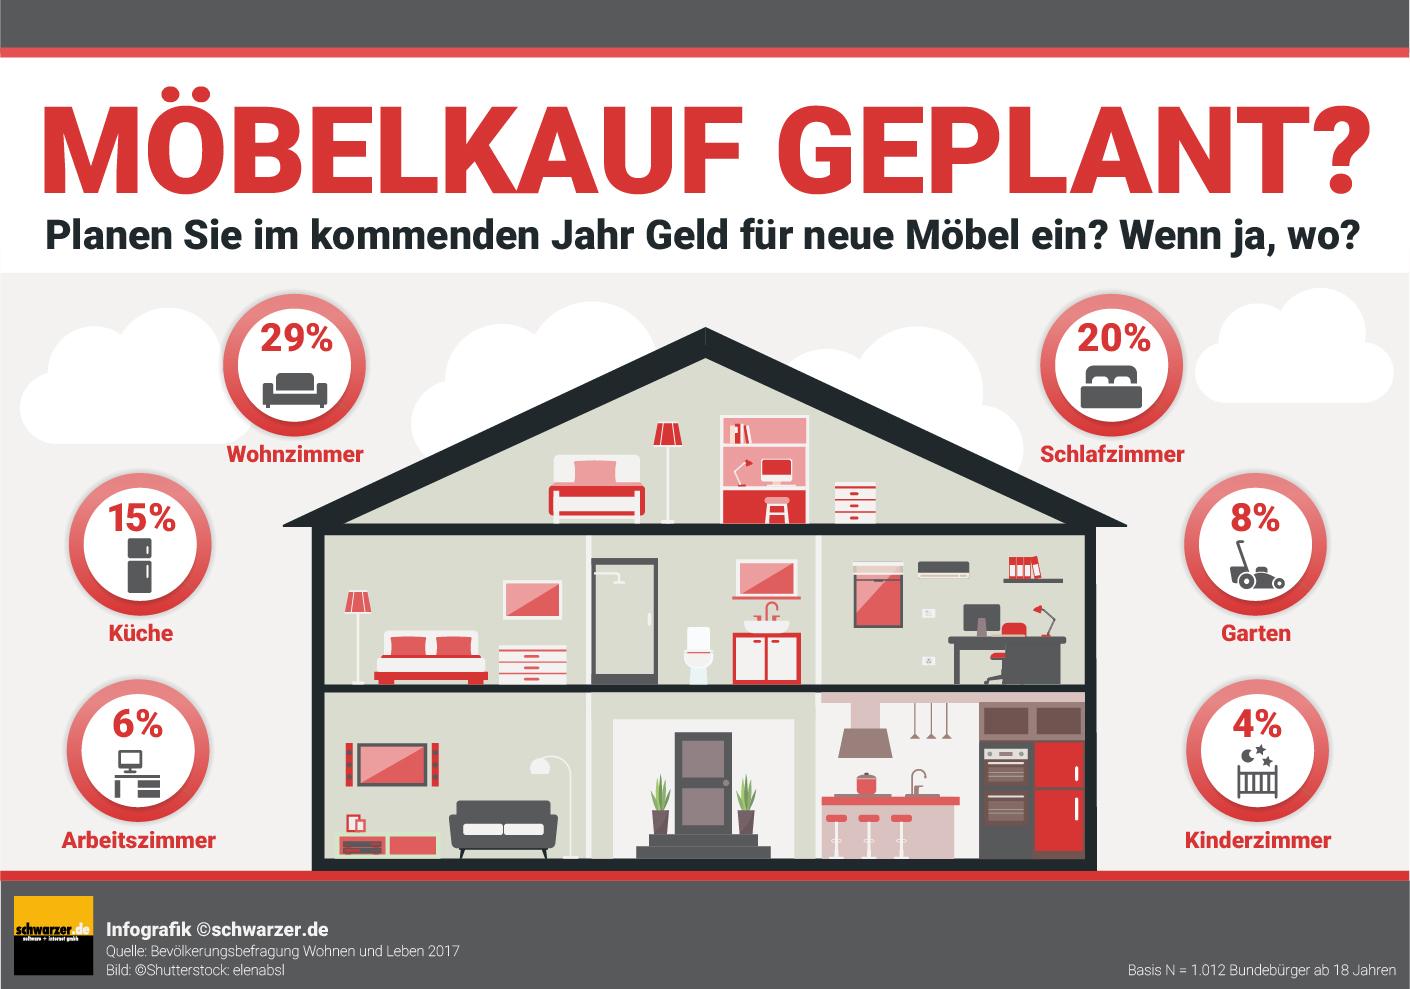 Infografik: Online Möbelhandel - Planen Sie im kommenden Jahr Geld für neue Möbel ein, wenn ja wo?